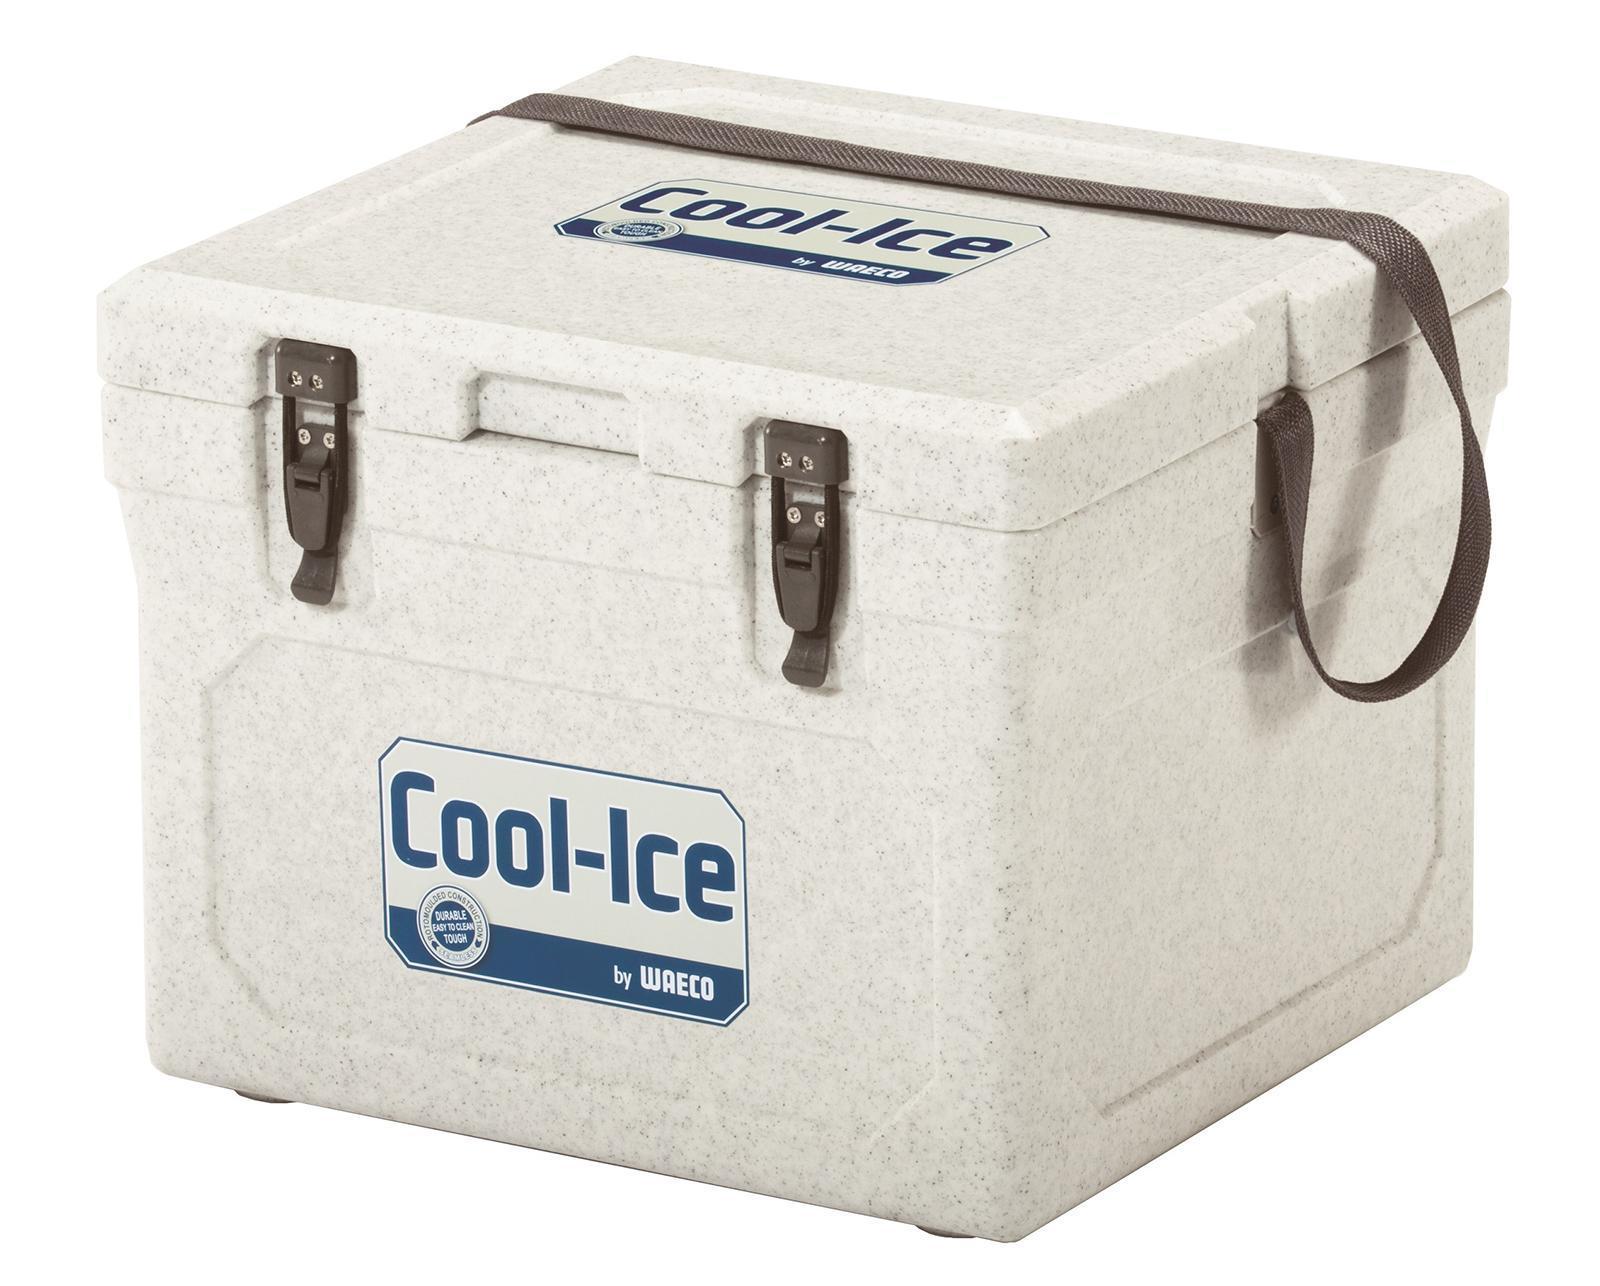 Dometic Cool-Ice WCI-22 изотермический контейнер, 22 л19201Термобокс Dometic Cool Ice WCI 22 имеет особое лабиринтное уплотнение, которое не дает попадать теплому воздуху во внутрь. Эта система LABYRINTH SEAL - которая дает возможность сохранять необходимую температуру дольше. Термобокс сделан из термостойких, гигиеничных материалов. Cool Ice WCI-22 имеет защиту от ультрафиолетового излучения, очень легко моется и оснащен надежными защелками, петли сделаны из нержавеющей стали. Для удобства в транспортировке, предусмотрен ремень. Также предусмотрено отверстие для слива конденсата в корпусе. Вес термобокса, всего 4,2 кг.